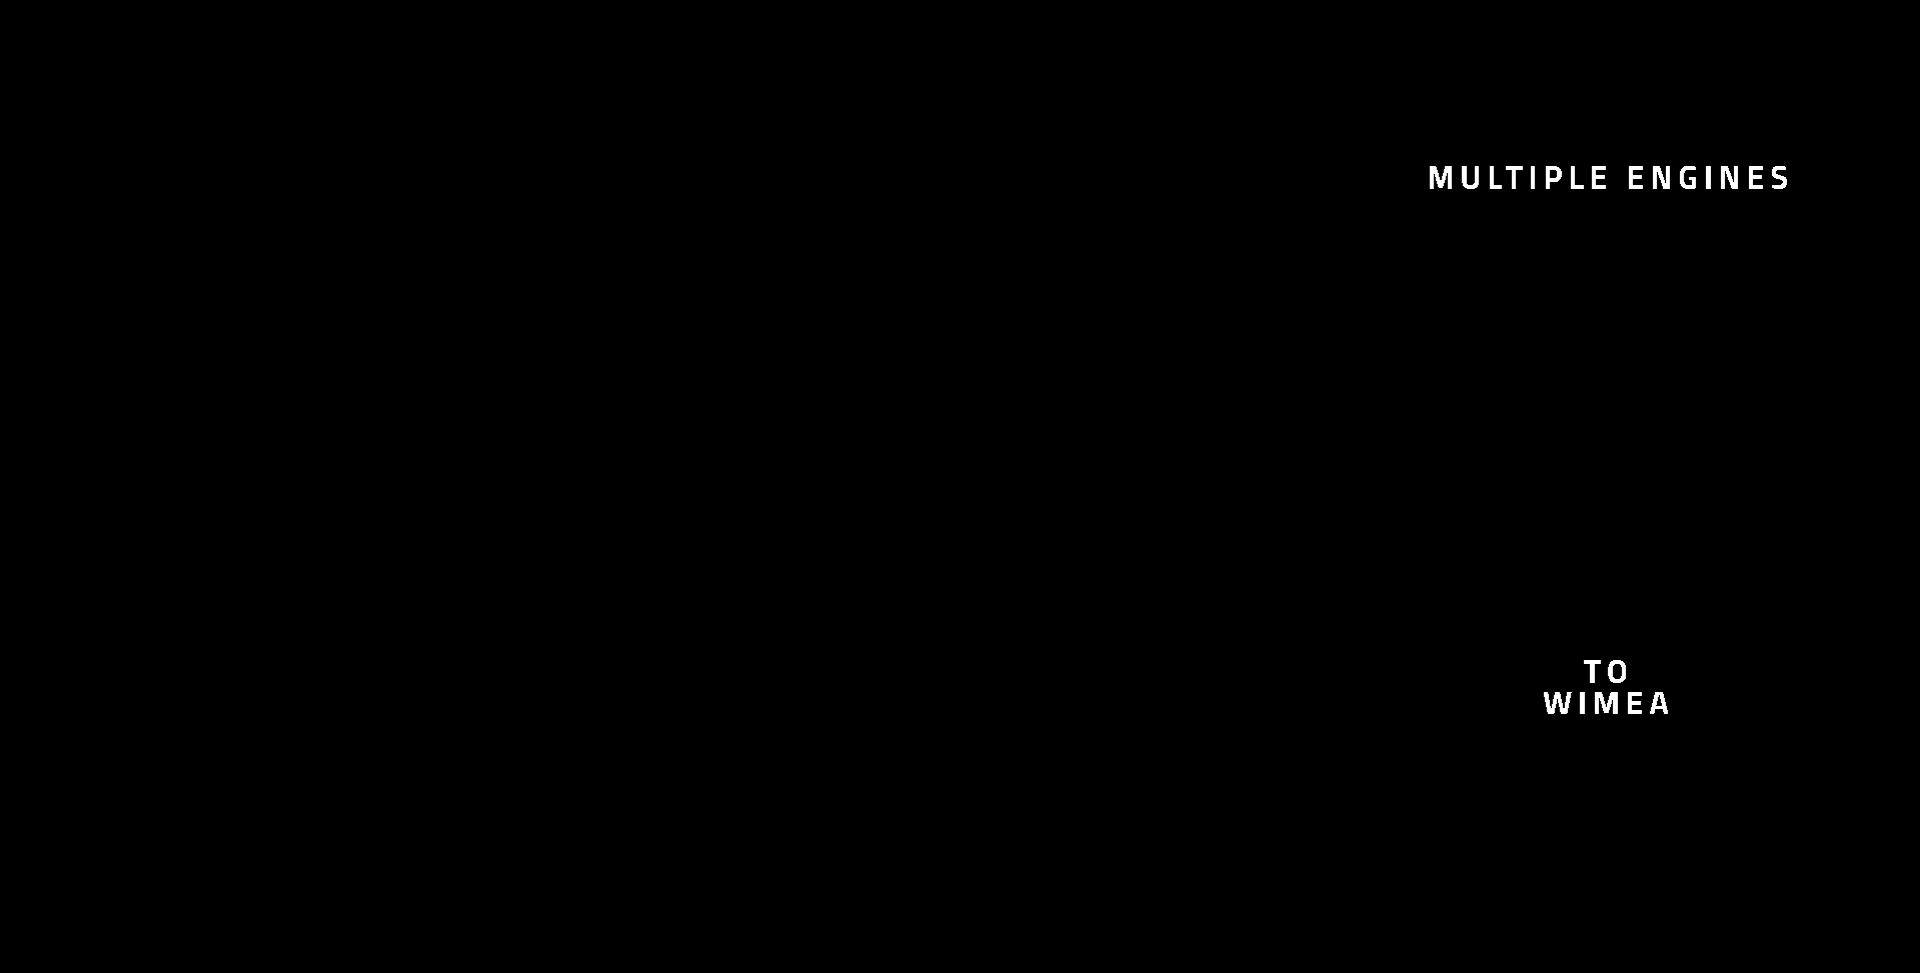 wire-diagram-black